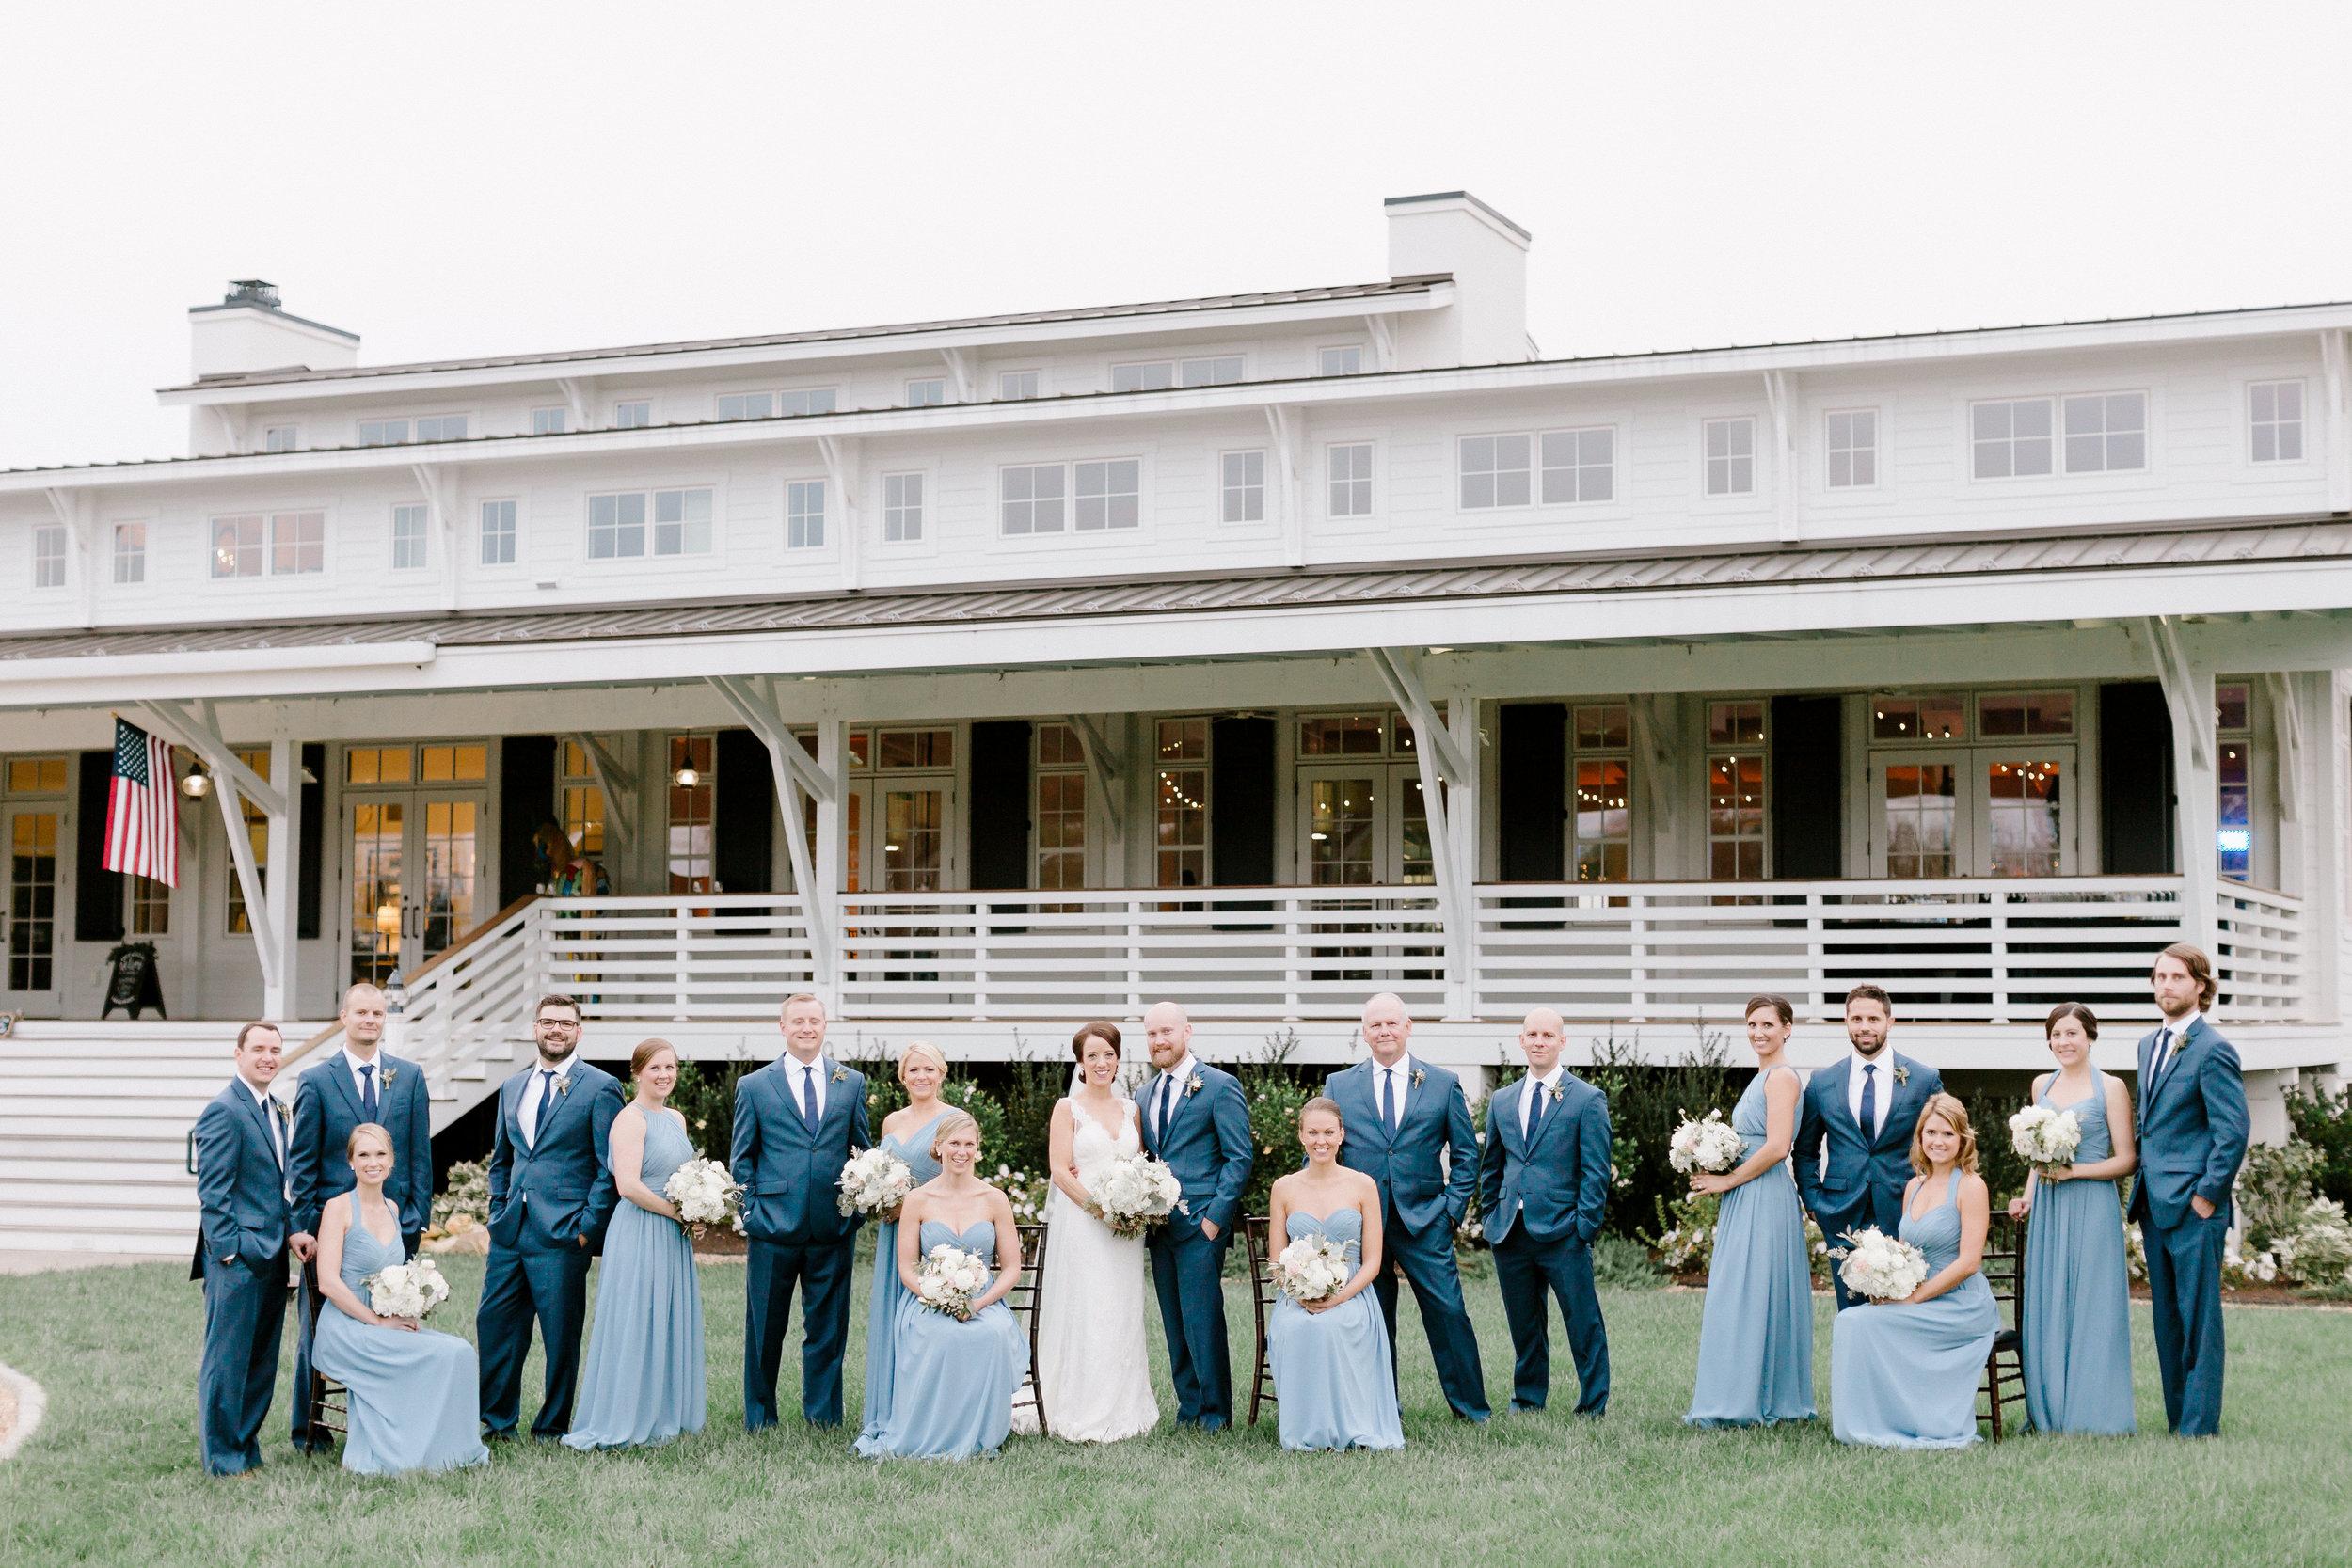 10_14_17_Wedding_434.jpg